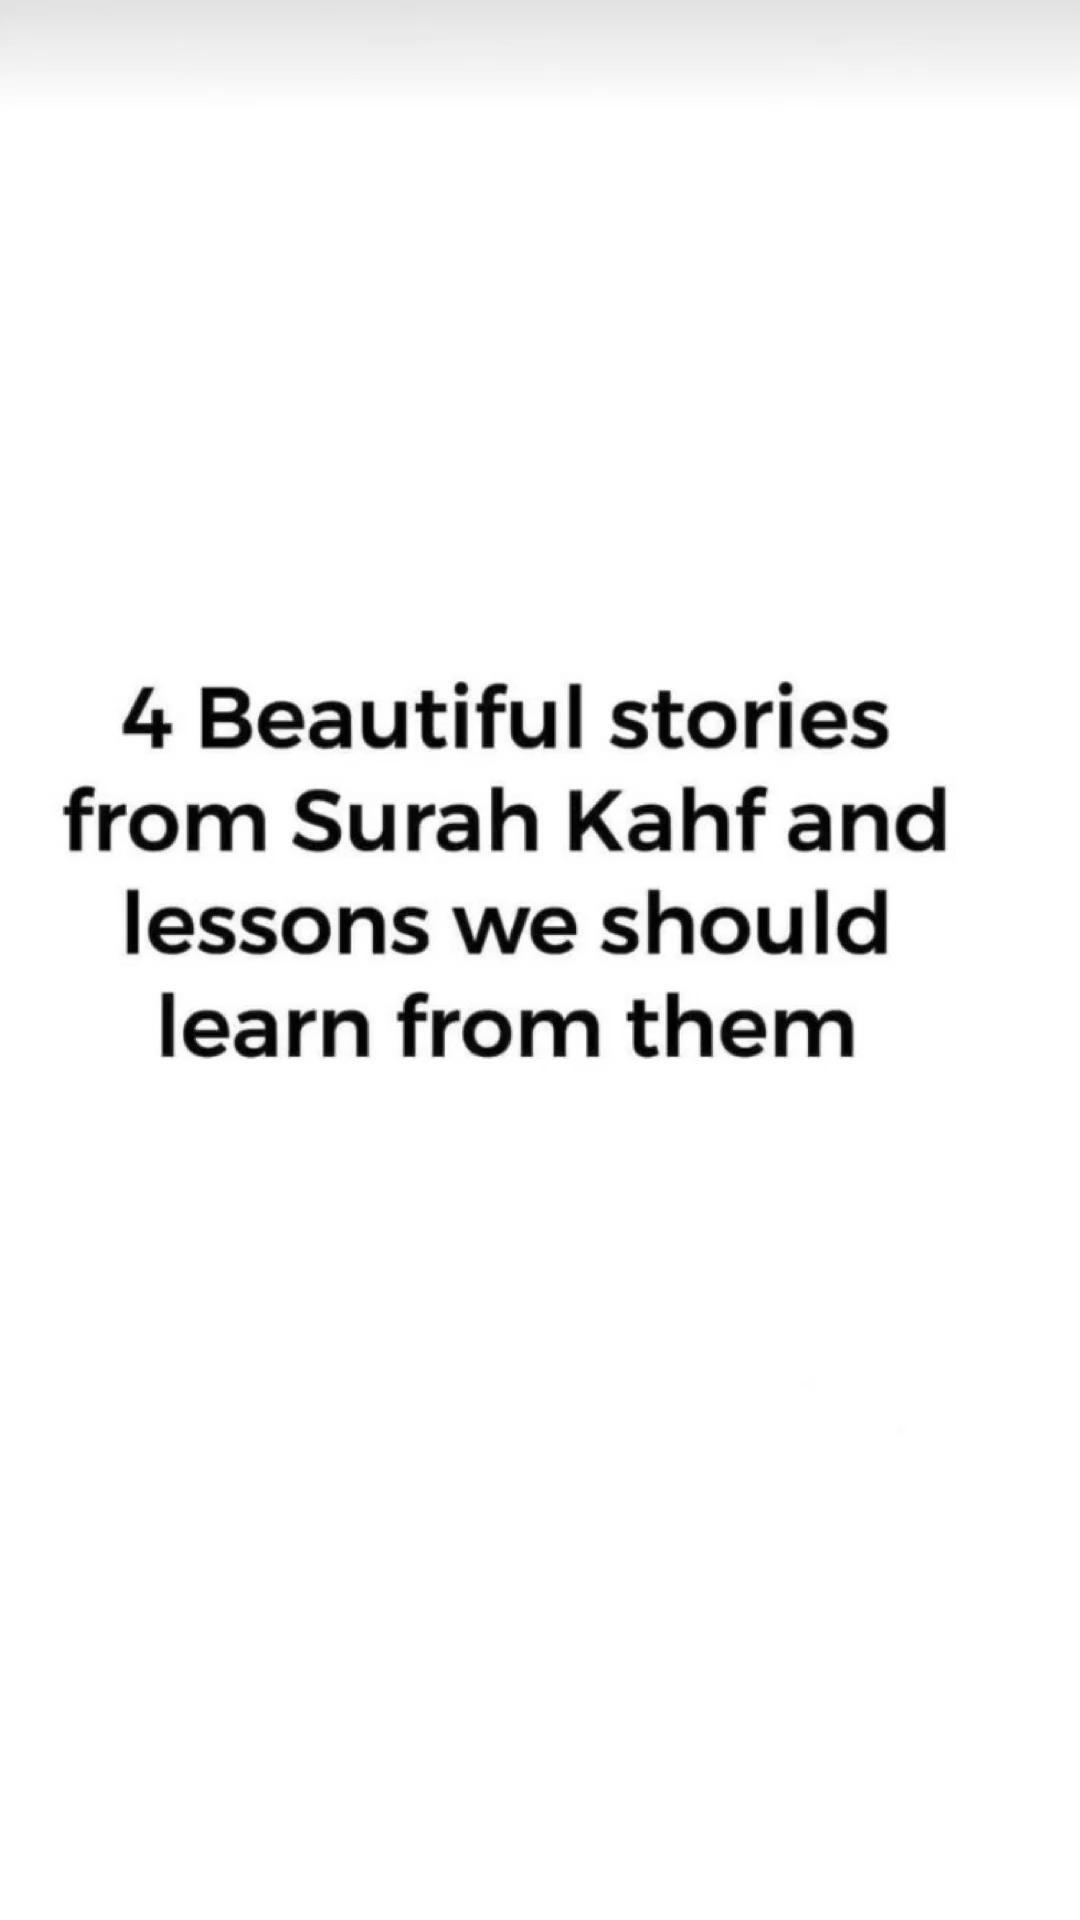 Surah - Khaf